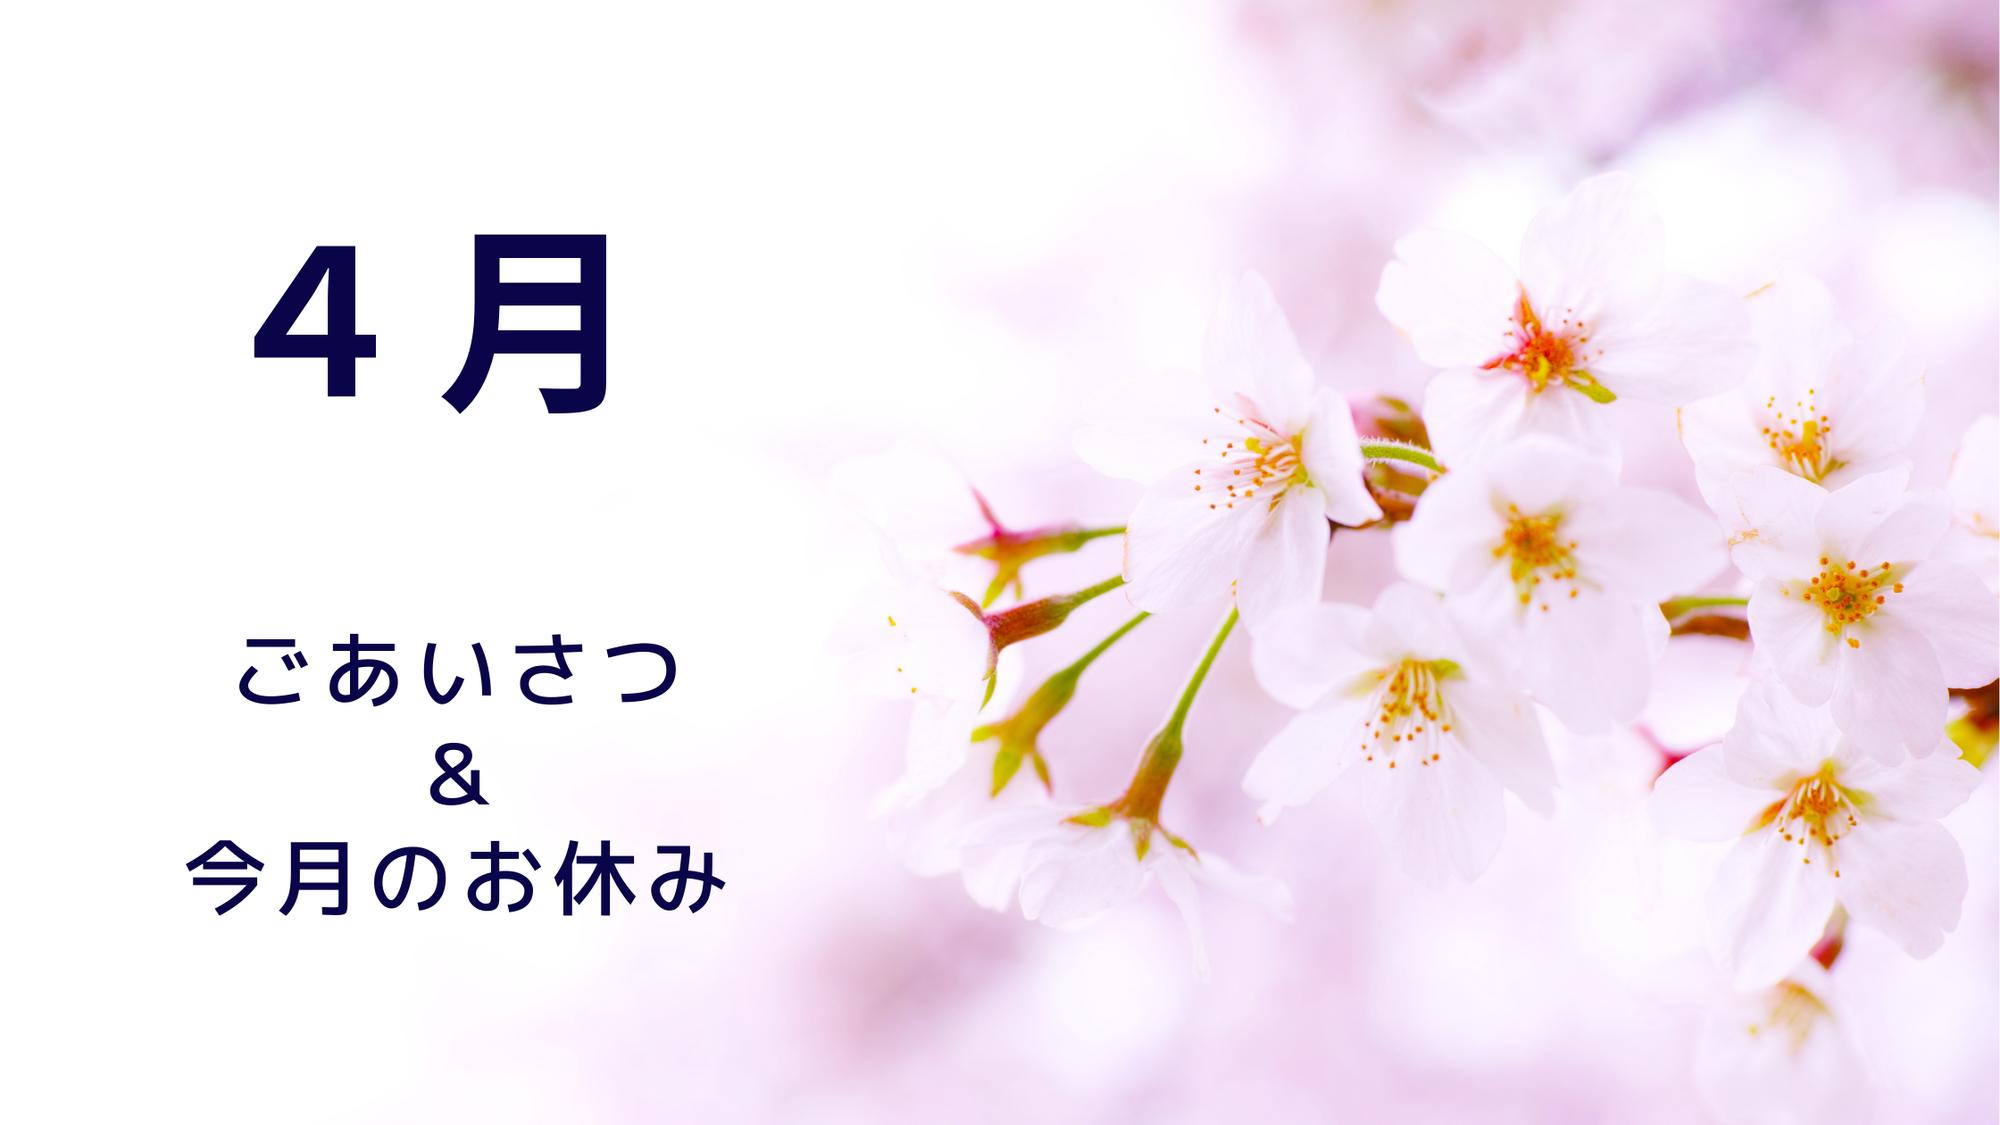 4月のごあいさつ&お休み